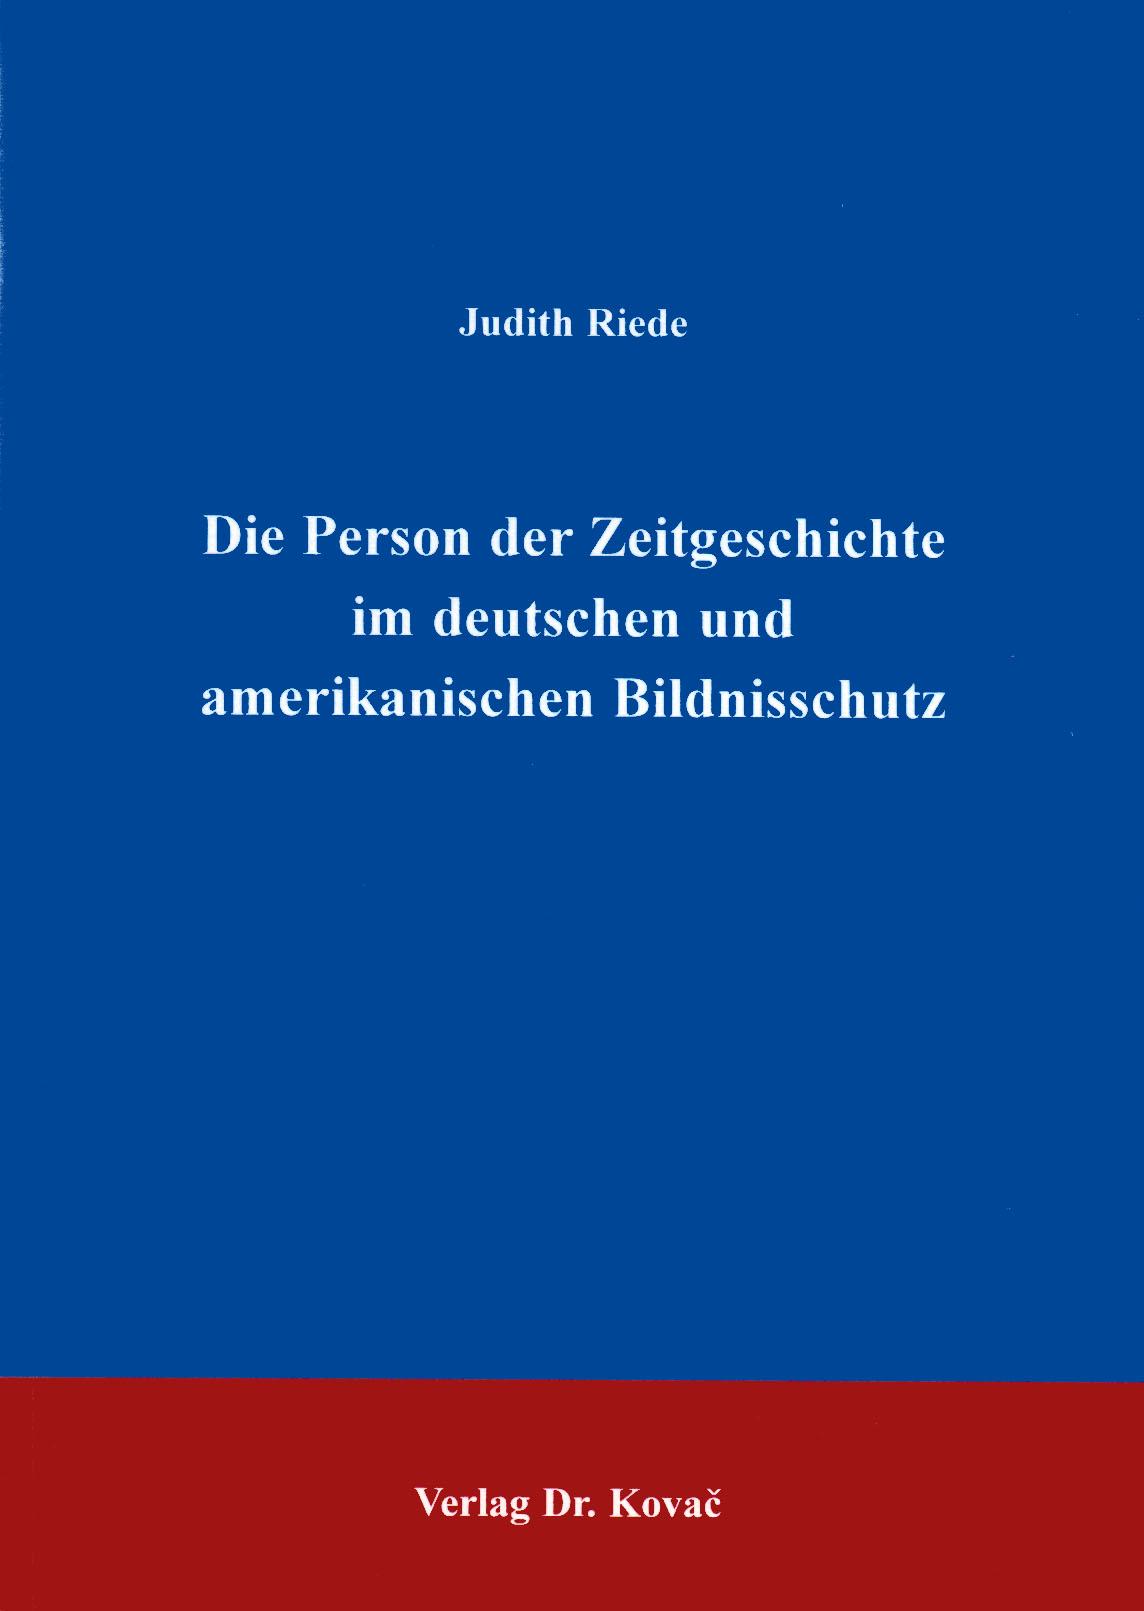 Cover: Der Bildnisschutz in Deutschland und den USA unter spezieller Berücksichtigung der Person der Zeitgeschichte bzw. der public figure